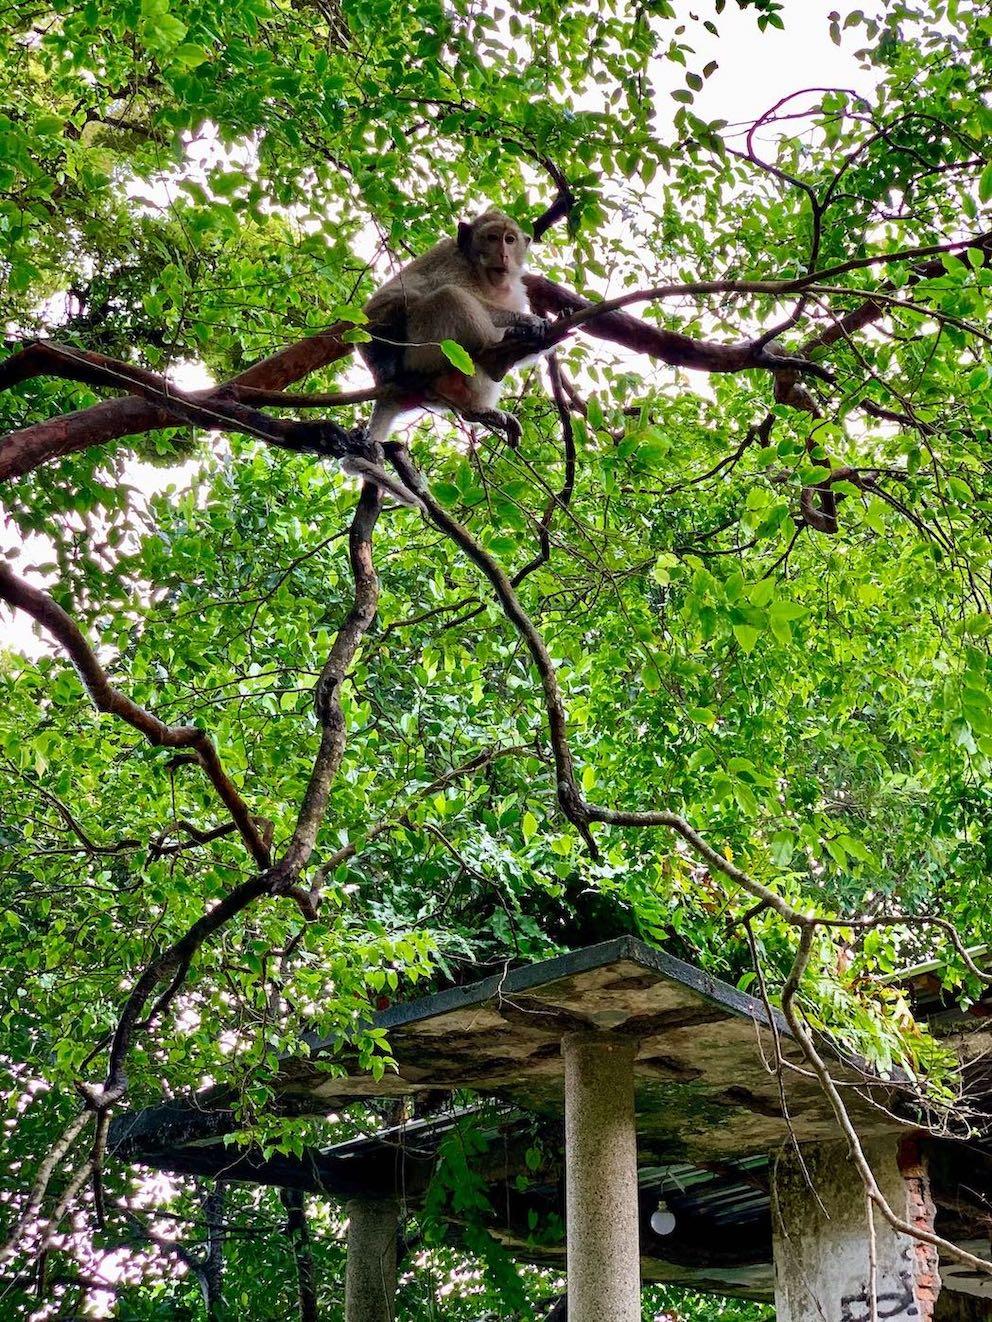 treetop monkey Kep Cambodia.